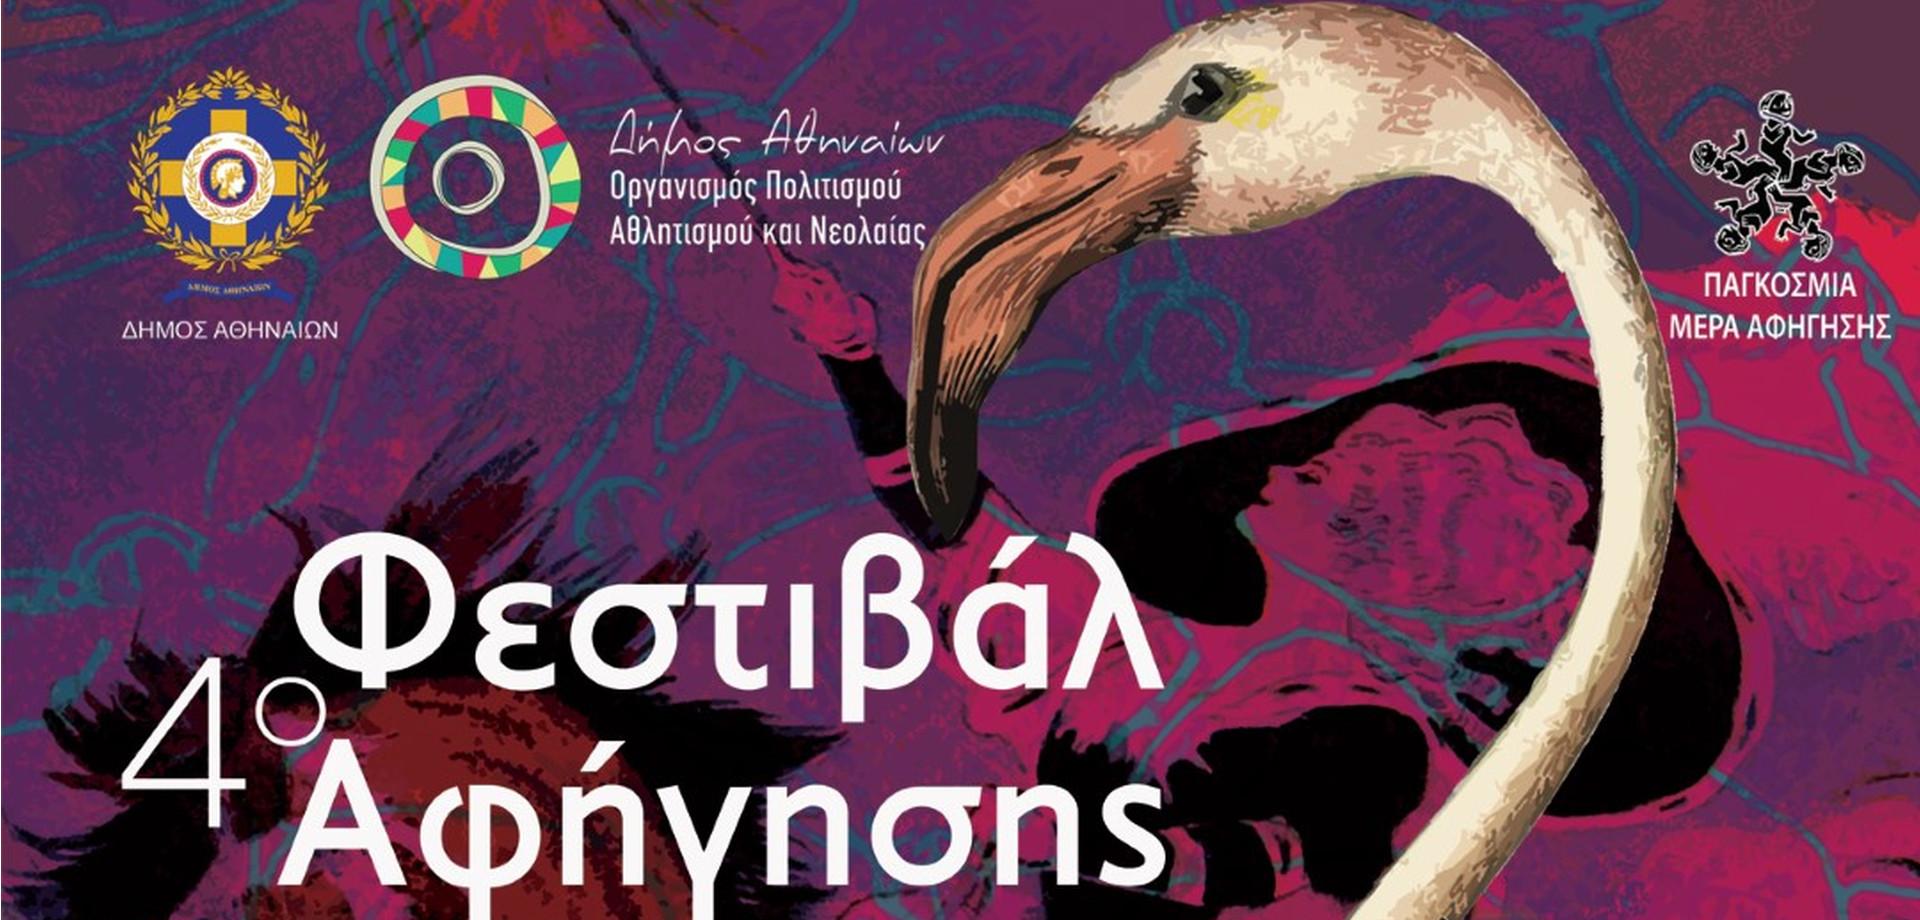 4ο Φεστιβάλ Αφήγησης «Αθήνα… μια πόλη παραμύθια»